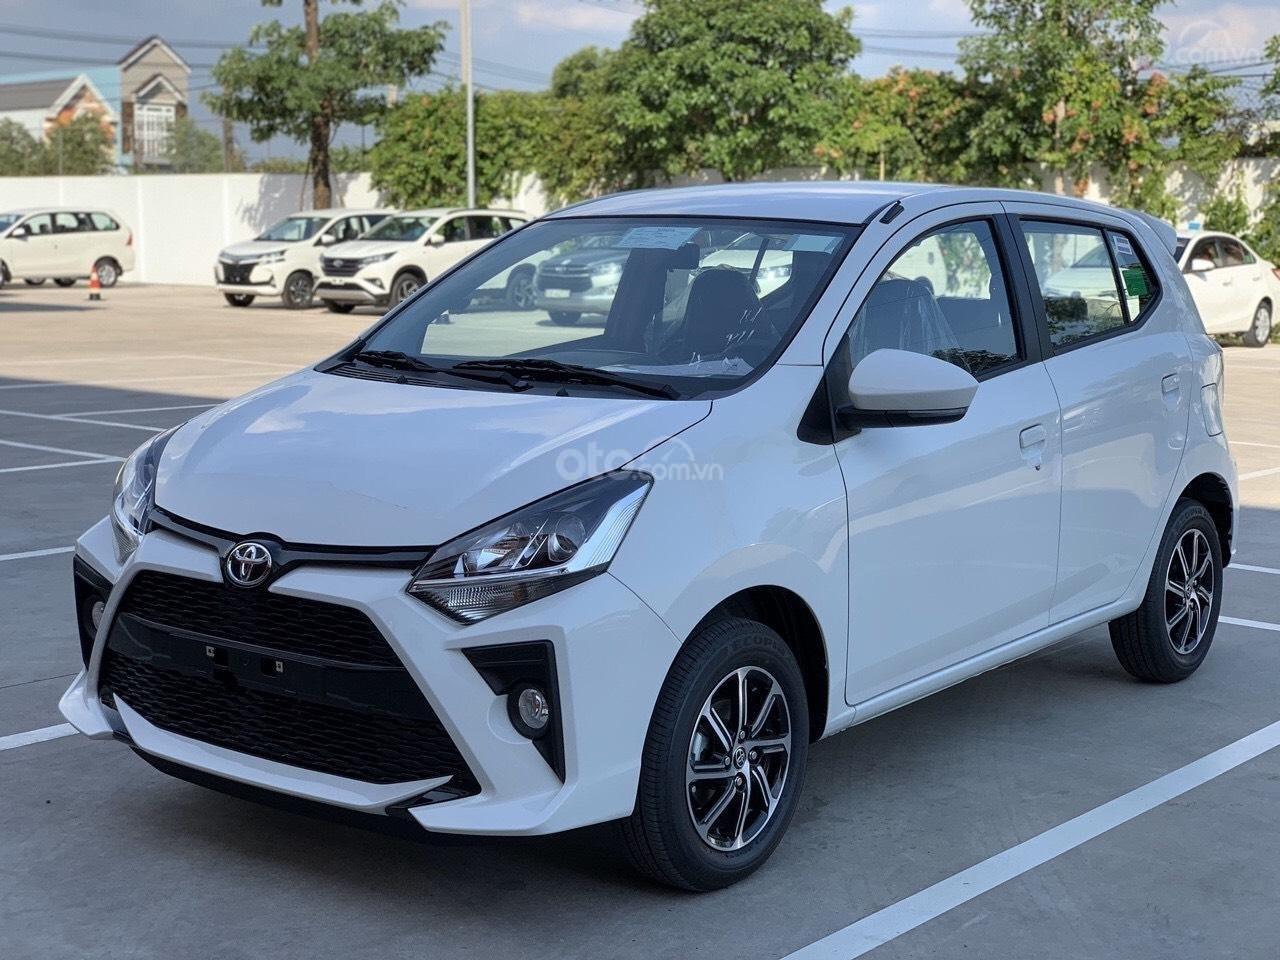 Toyota Vinh - Nghệ An - bán xe Wigo giá rẻ nhất Nghệ An, tra góp 80% lãi suất thấp (2)